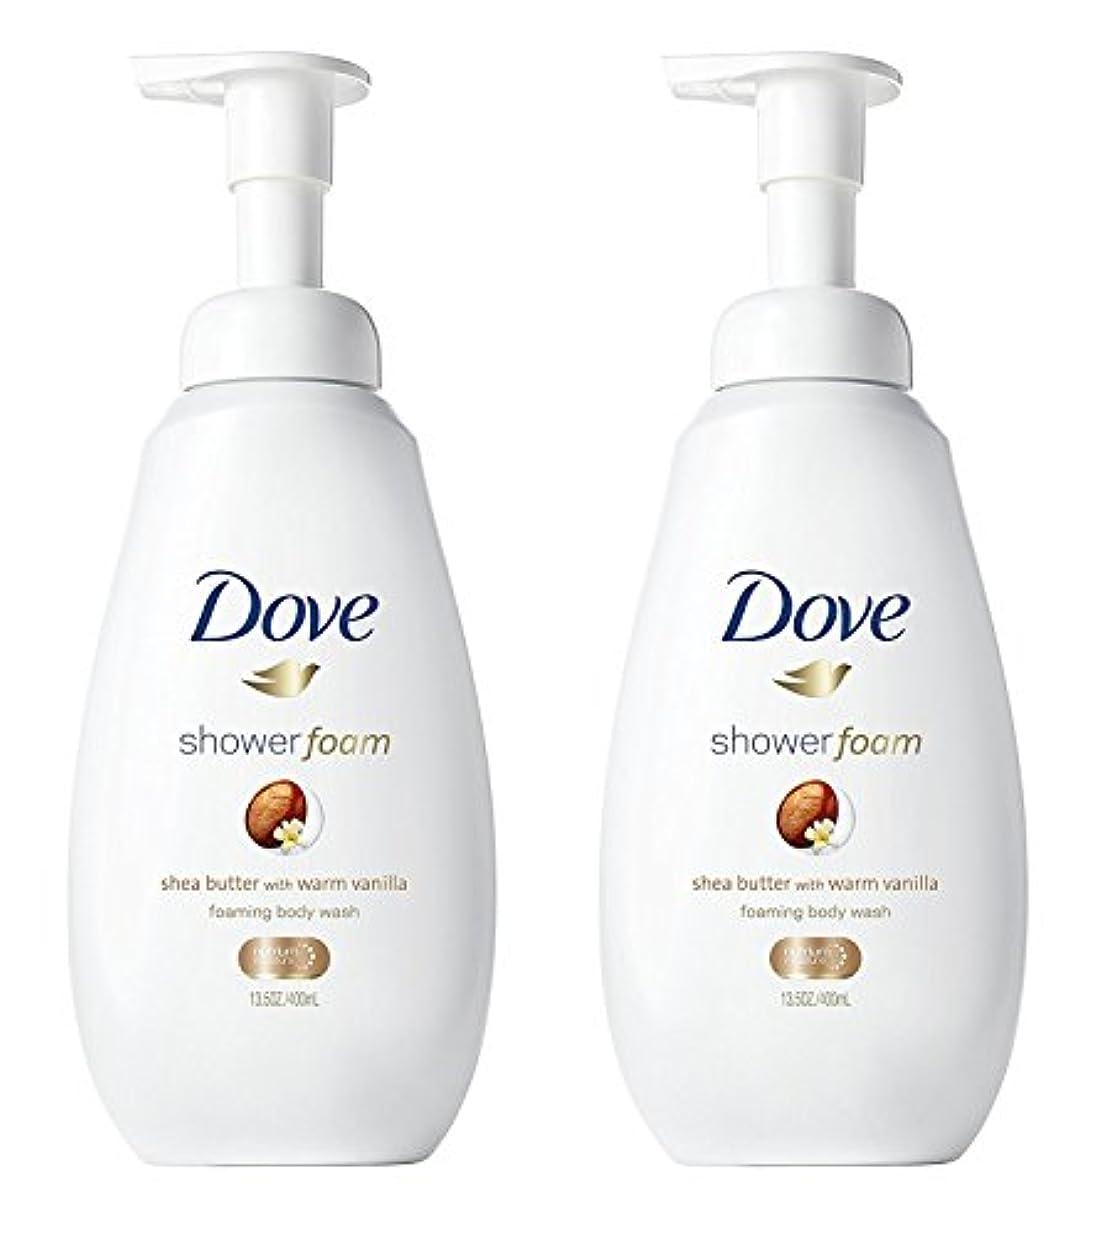 対応するカウントアップ静かにDove シャワー泡 - ウォームバニラシアバター - - ボディウォッシュを発泡ネット重量。ボトルあたり13.5液量オンス(400ml)を - 2本のボトルのパック